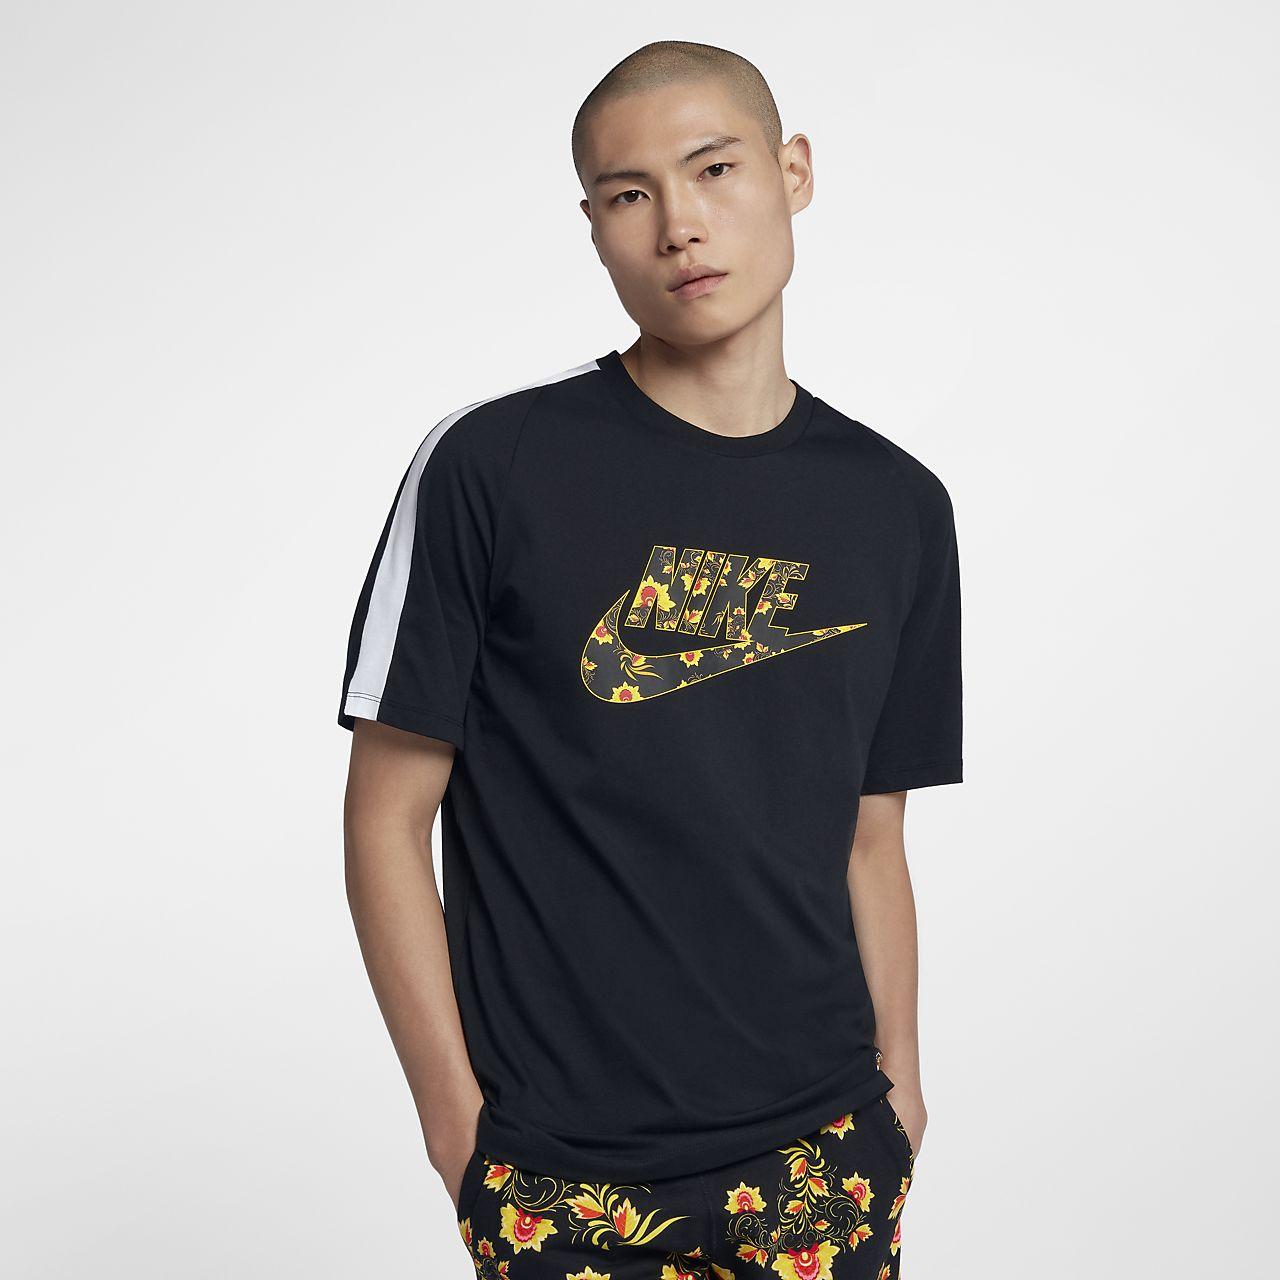 nike sportswear floral mens tshirt nikecom